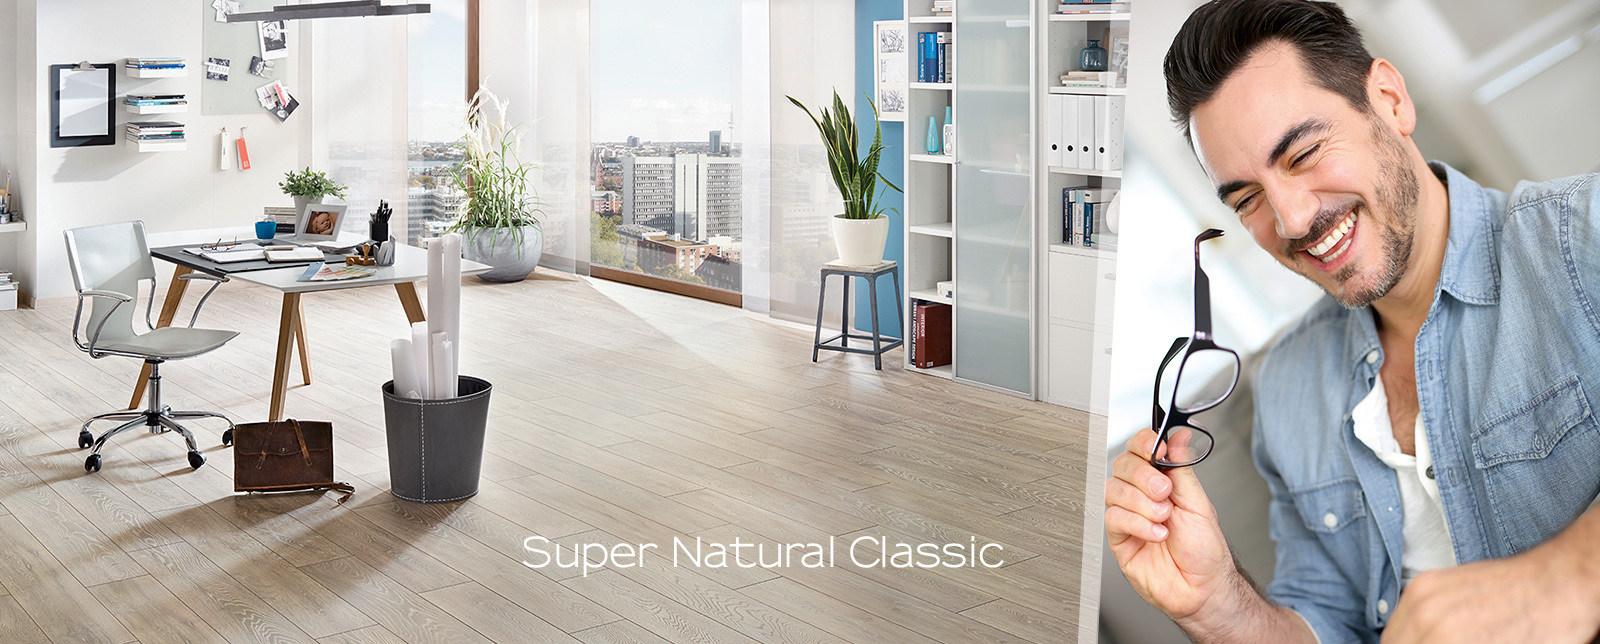 Super Natural Classic 4V